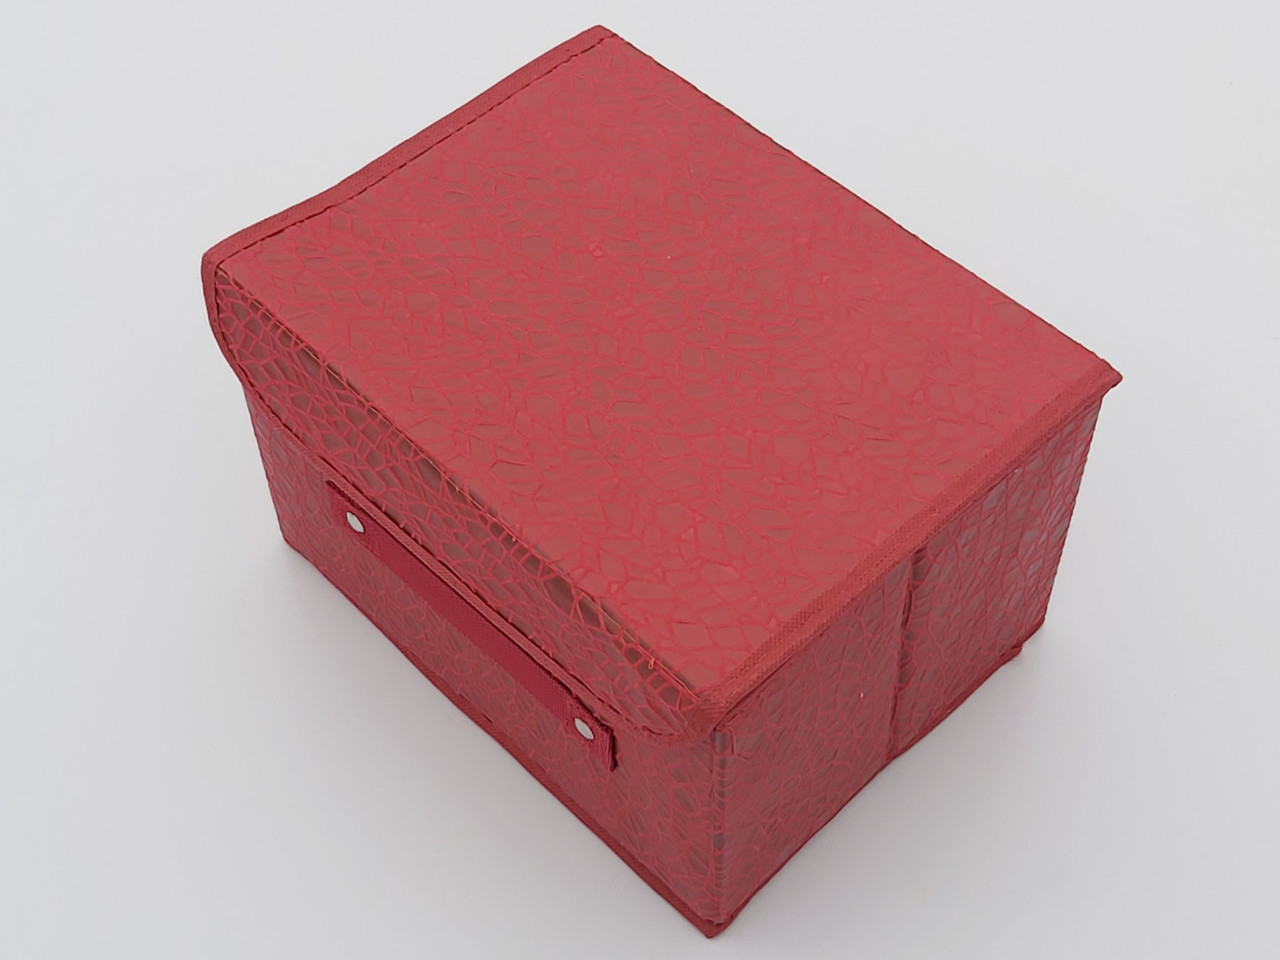 Коробка органайзер для хранения красного цвета